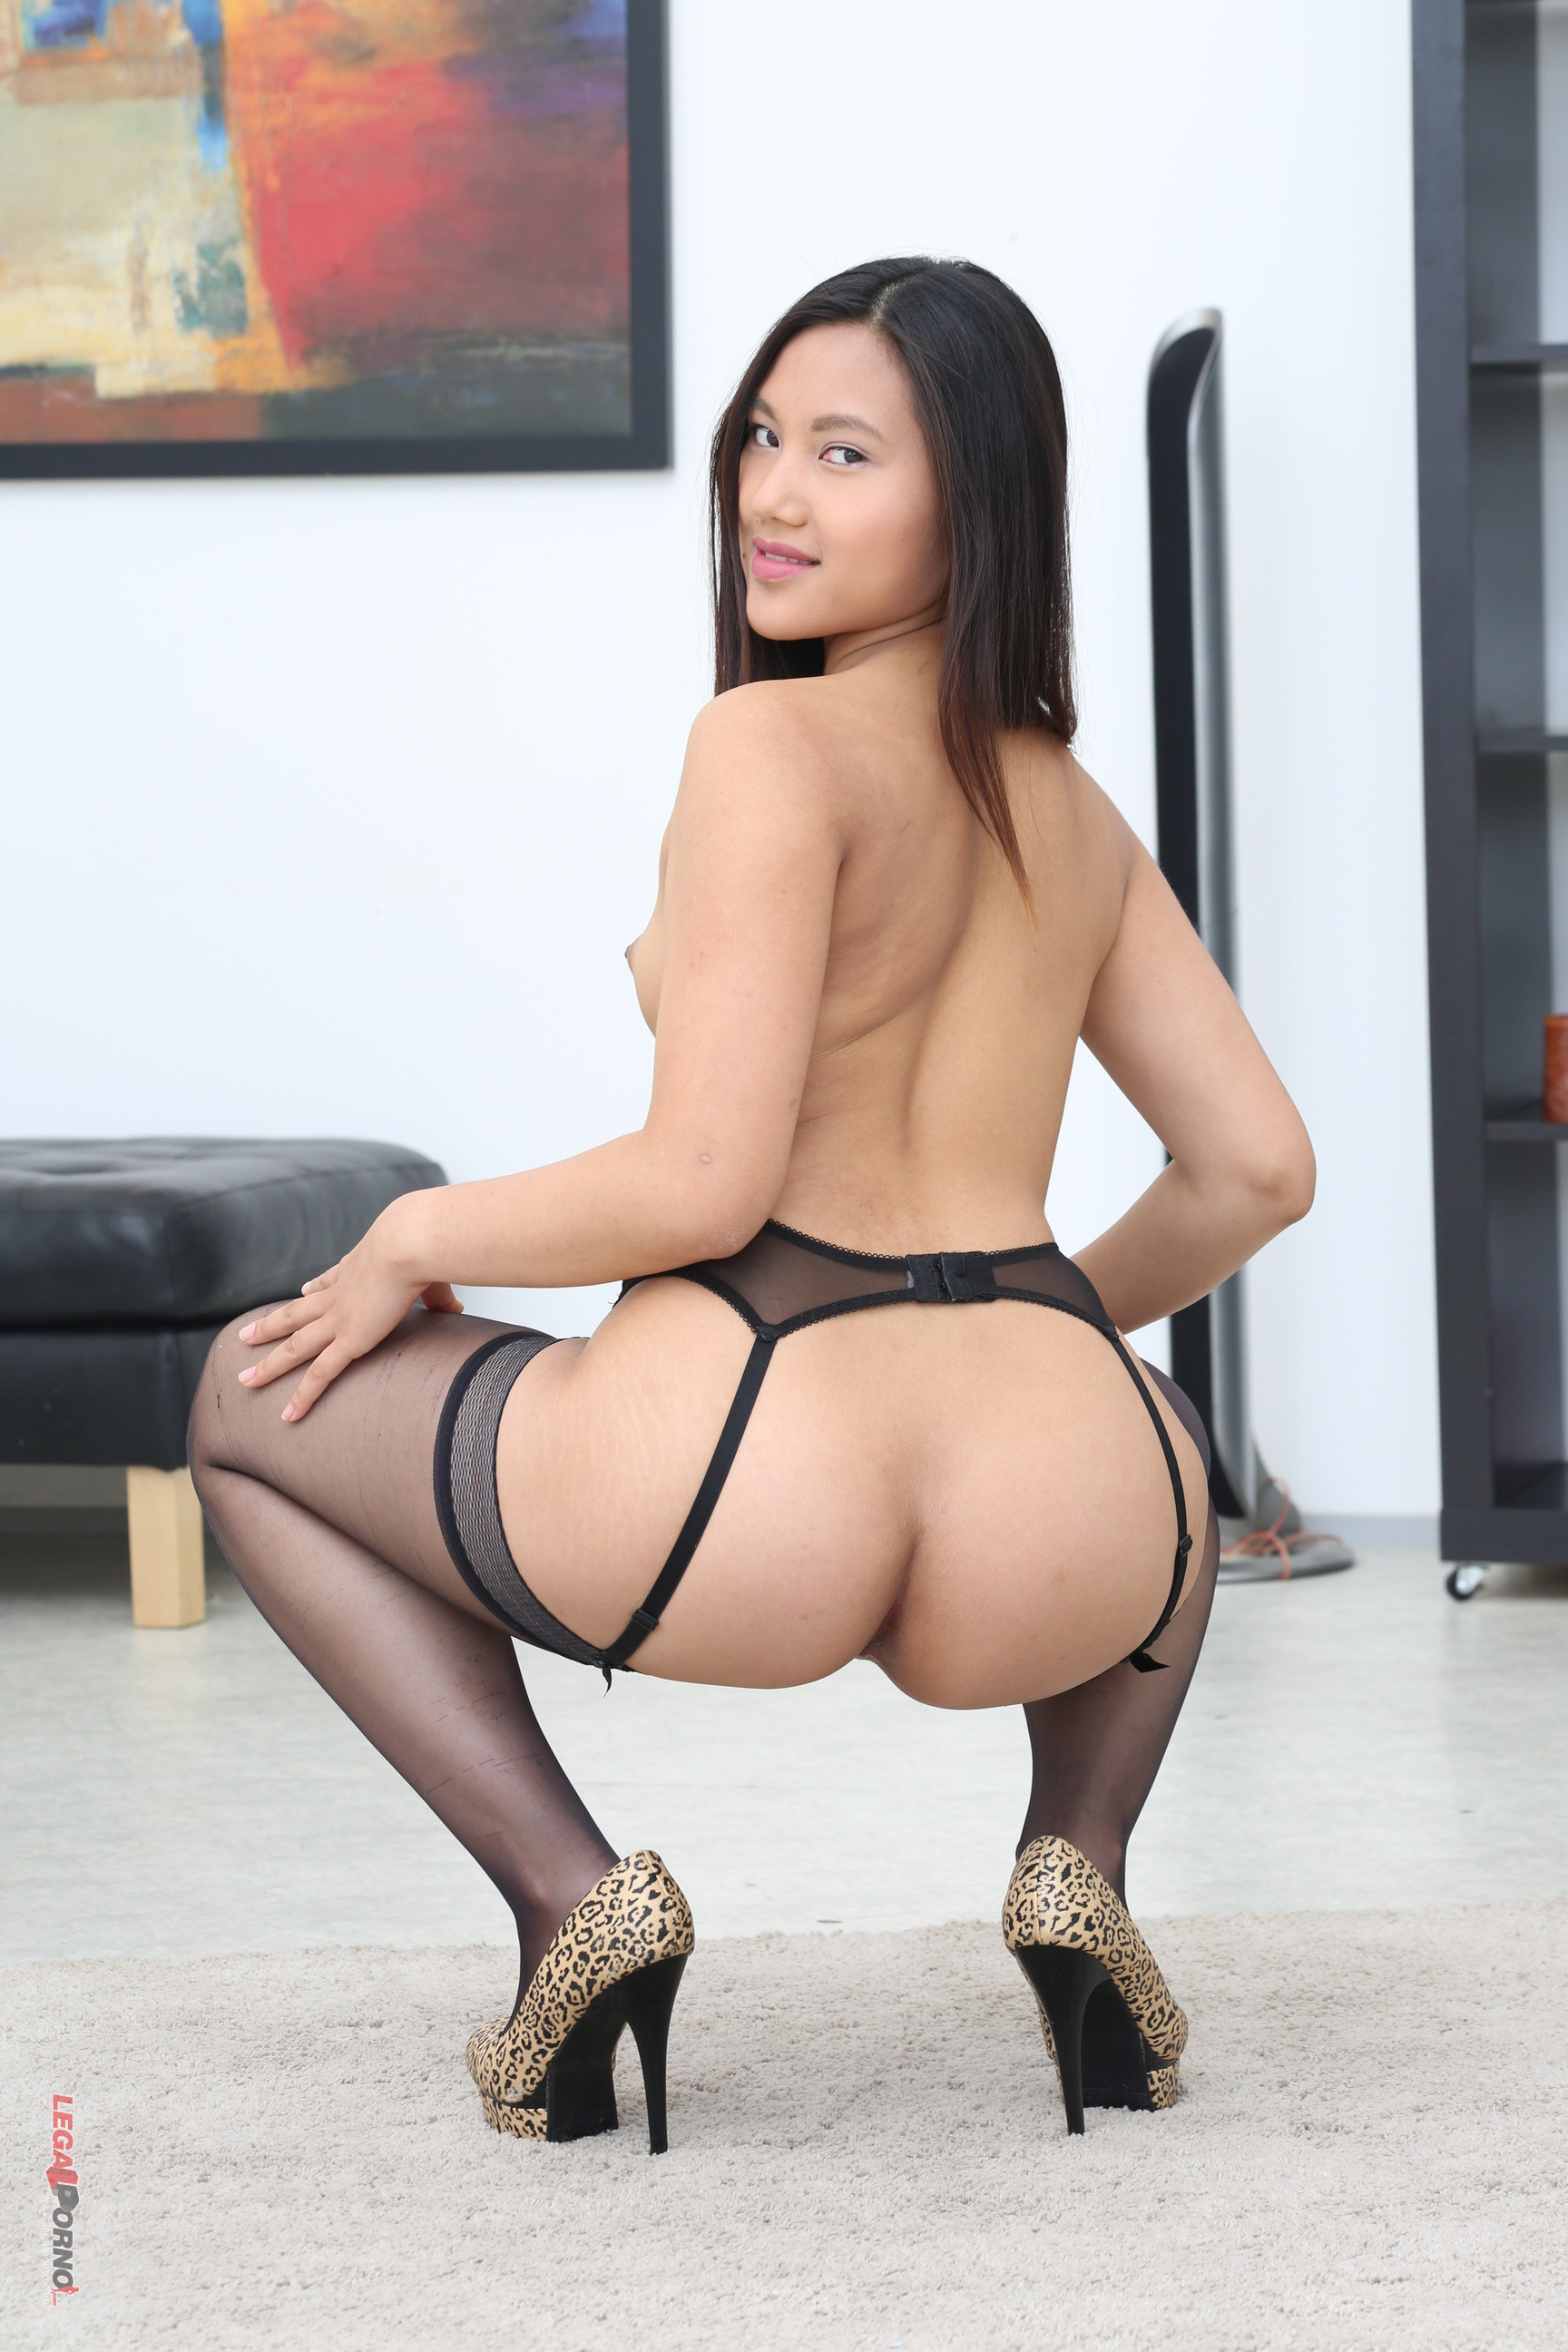 mia khalifa big tits arab pornstar webcam solo for fans